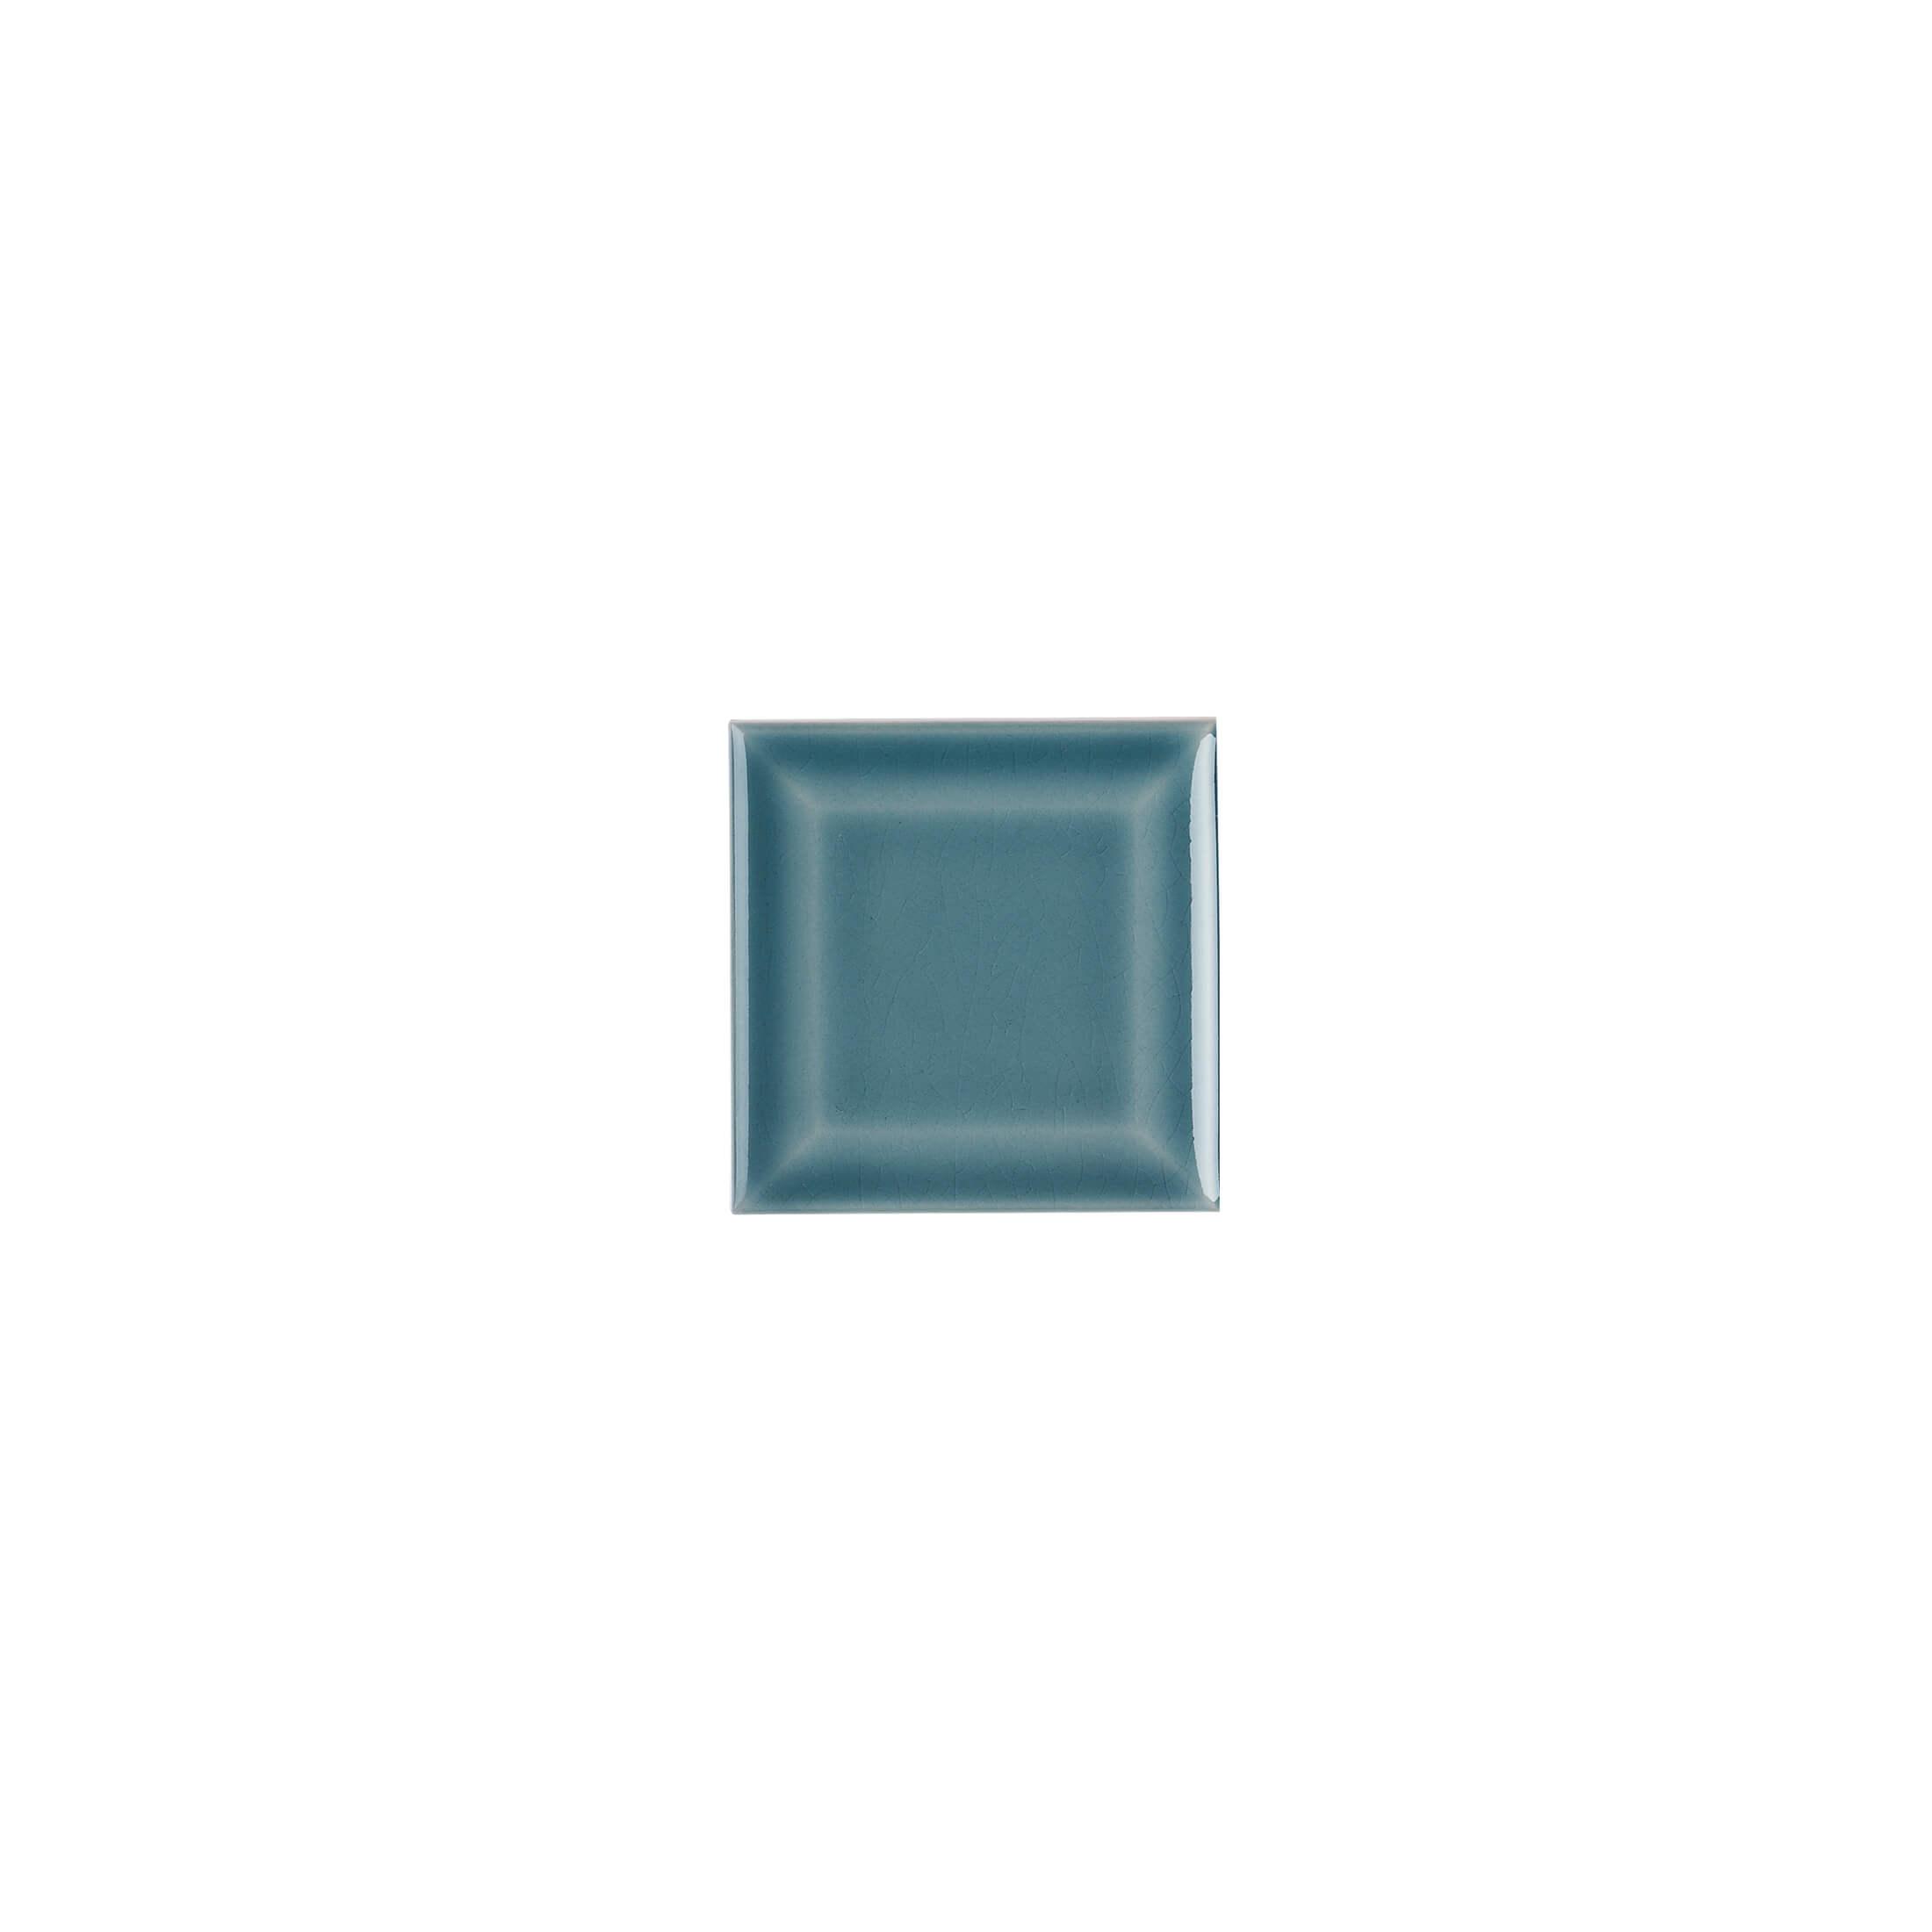 ADMO2030 - BISELADO PB C/C - 7.5 cm X 7.5 cm